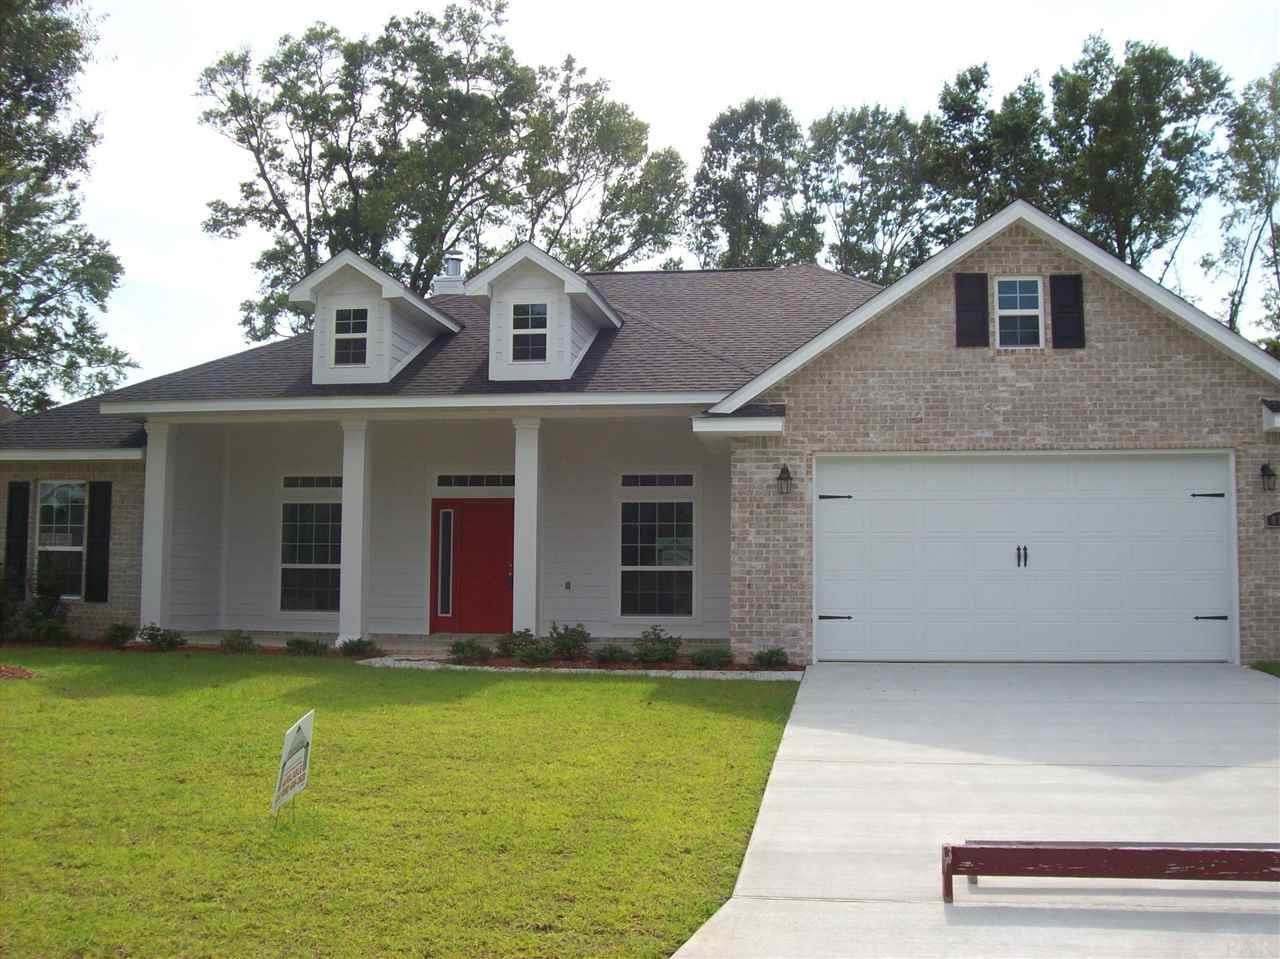 8716 Blake Evan Cir, Pensacola, FL 32526